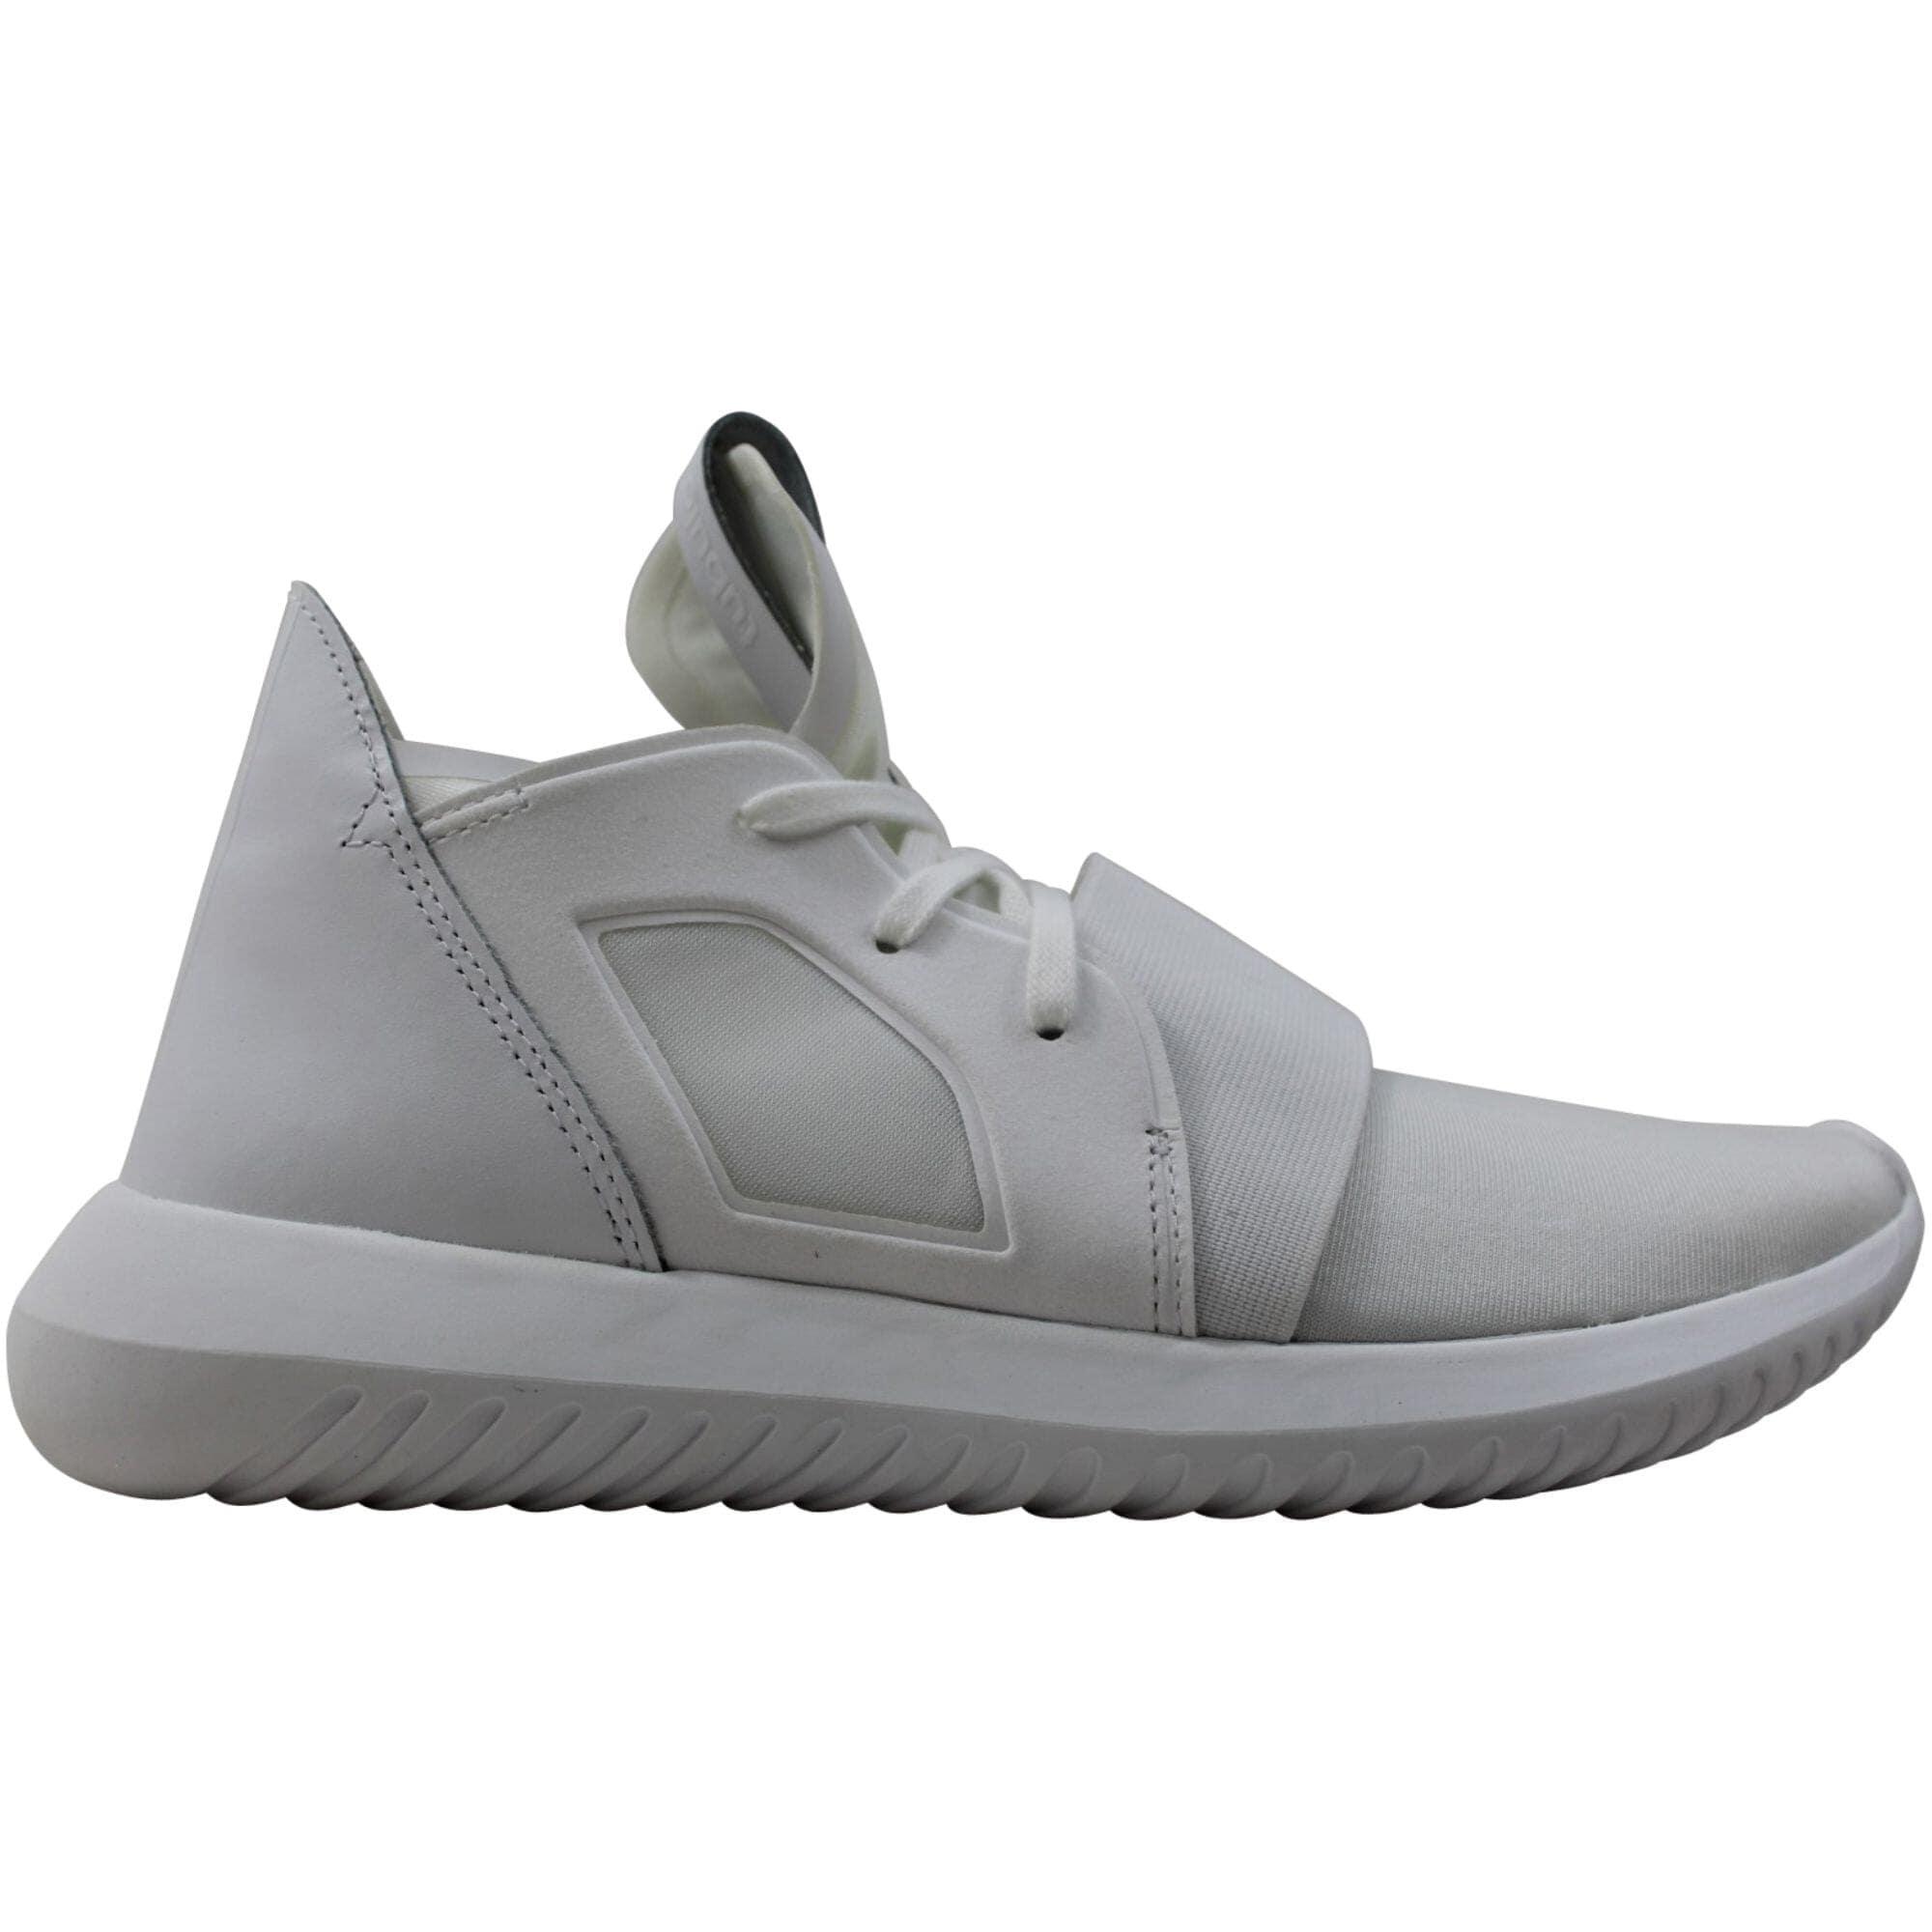 Adidas Tubular Defiant White S75250